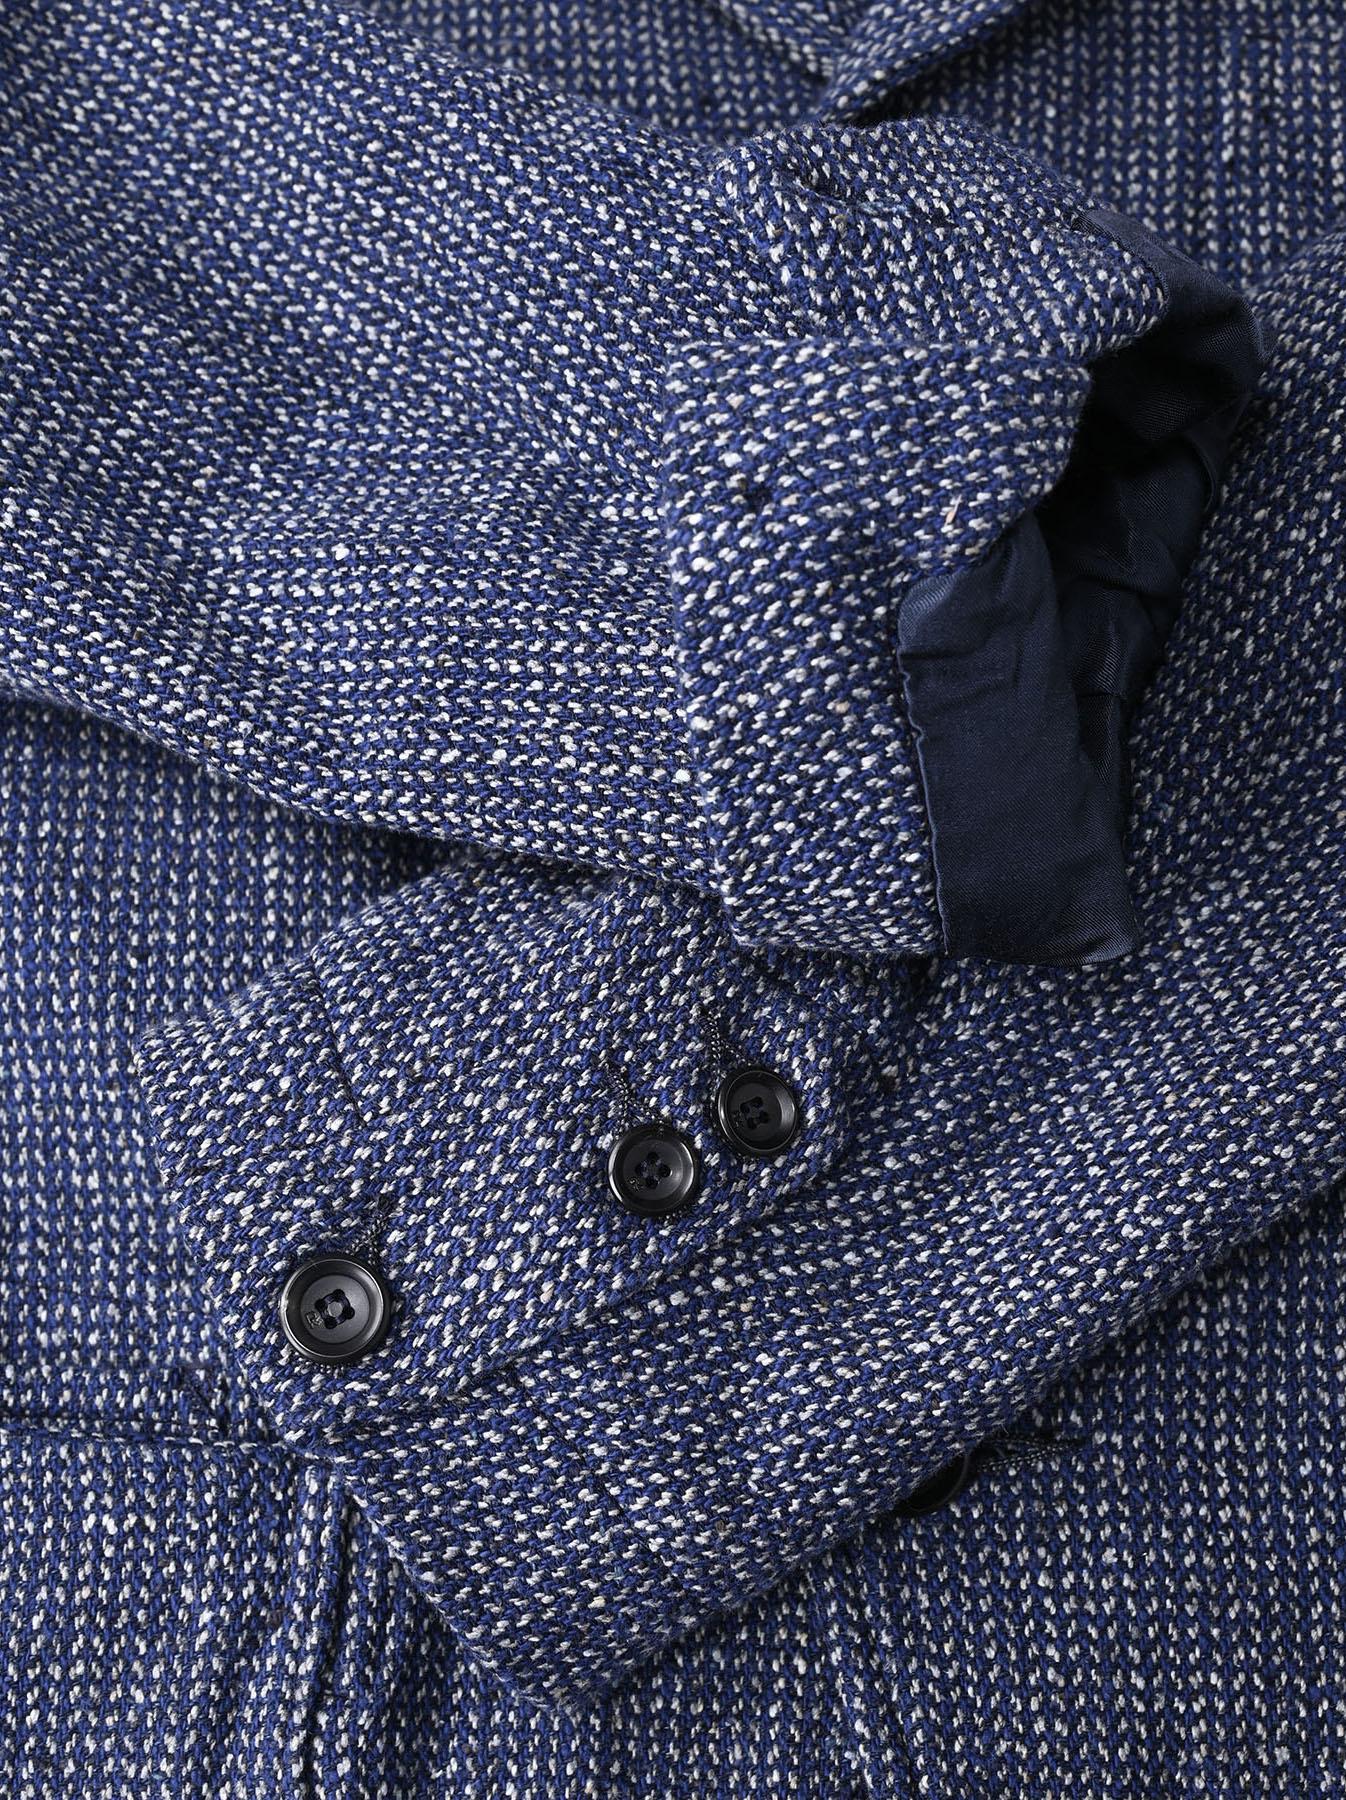 Homespun Indigo Cotton Tweed Asama Jacket-11